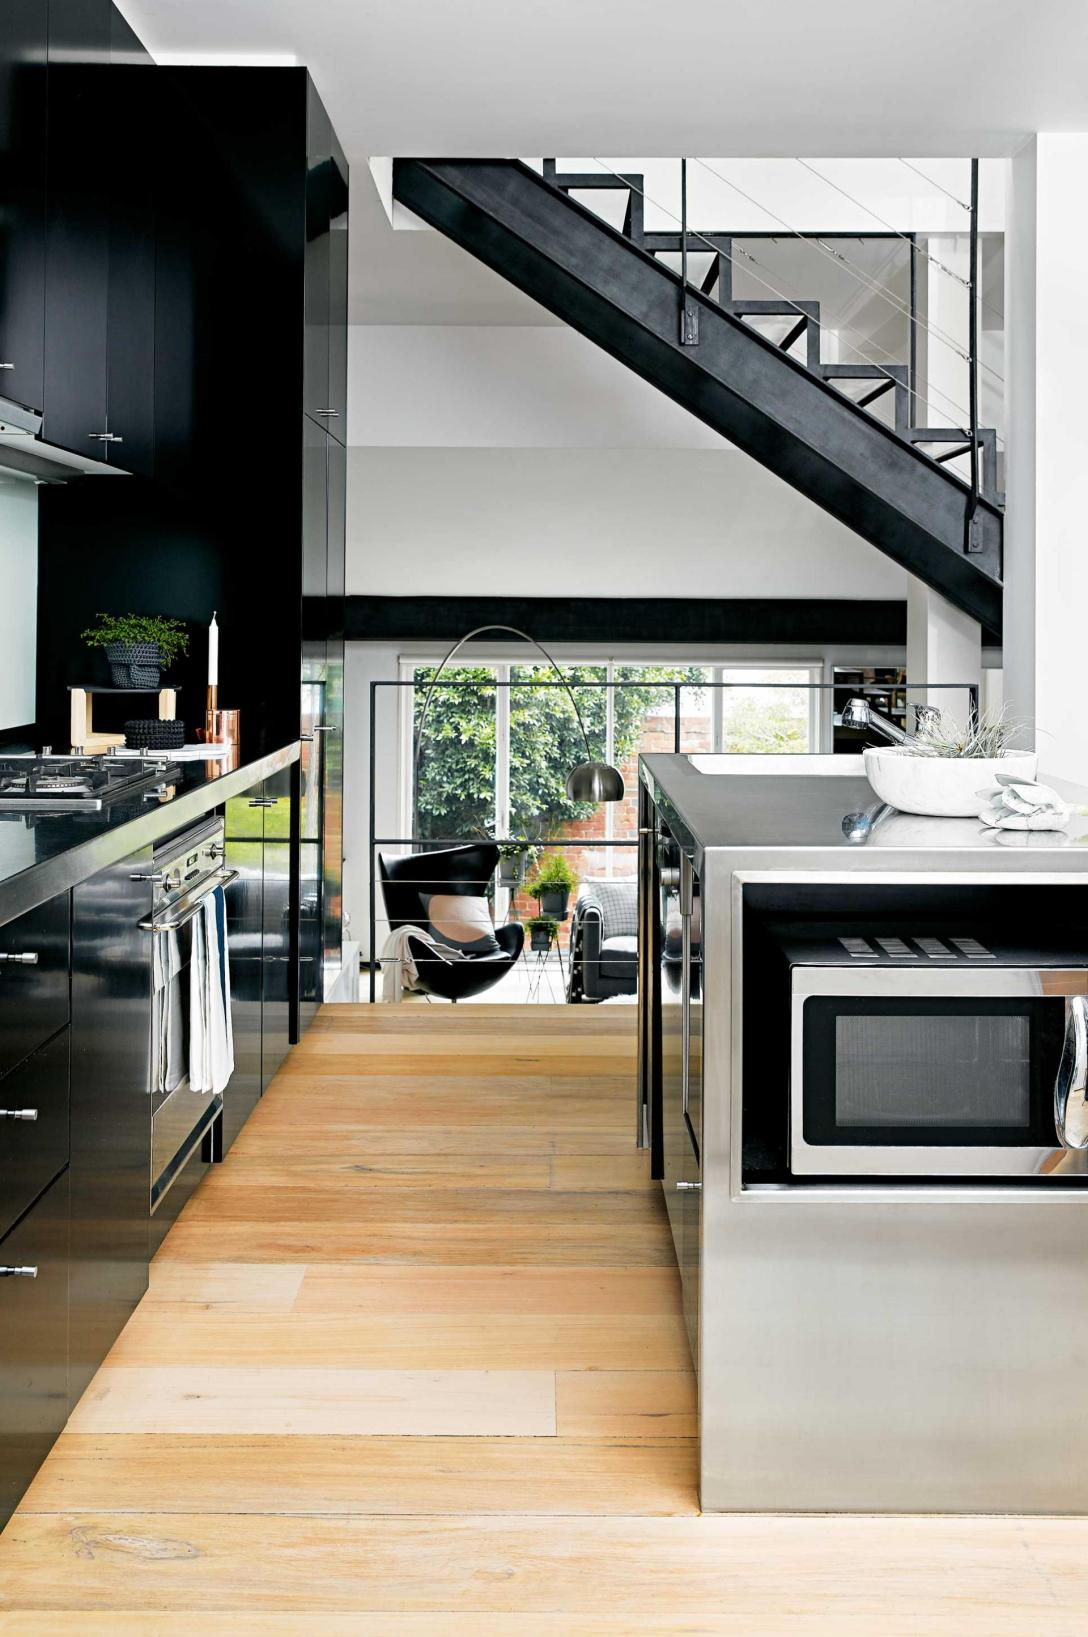 kitchen-black-microwave-floorboards-sept15-20150914152516~q75,dx1920y-u1r1g0,c--